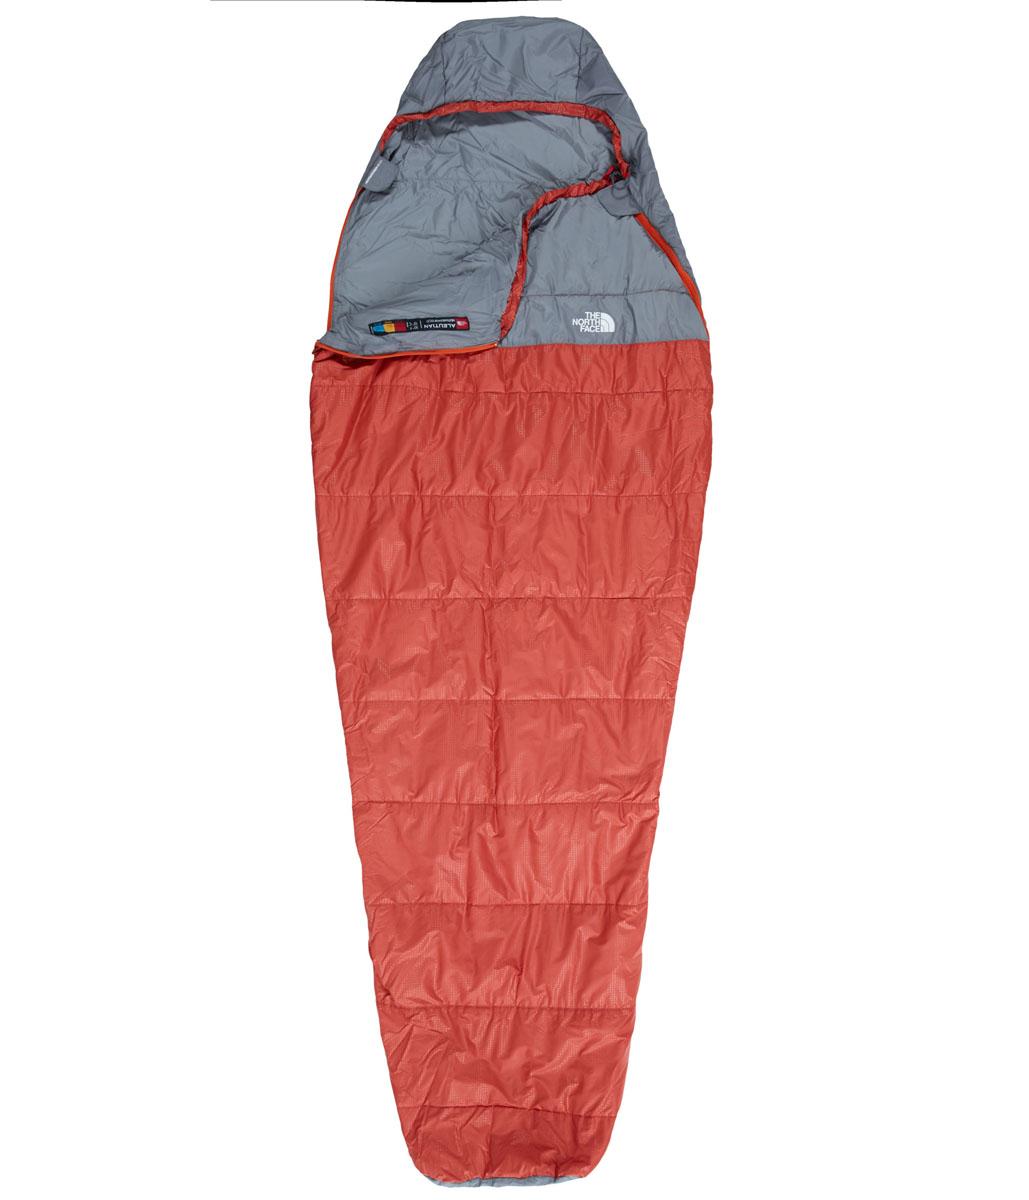 Спальный мешок The North Face Aleutian 50/10 , цвет: красный. T0A3A8M1RRH REG